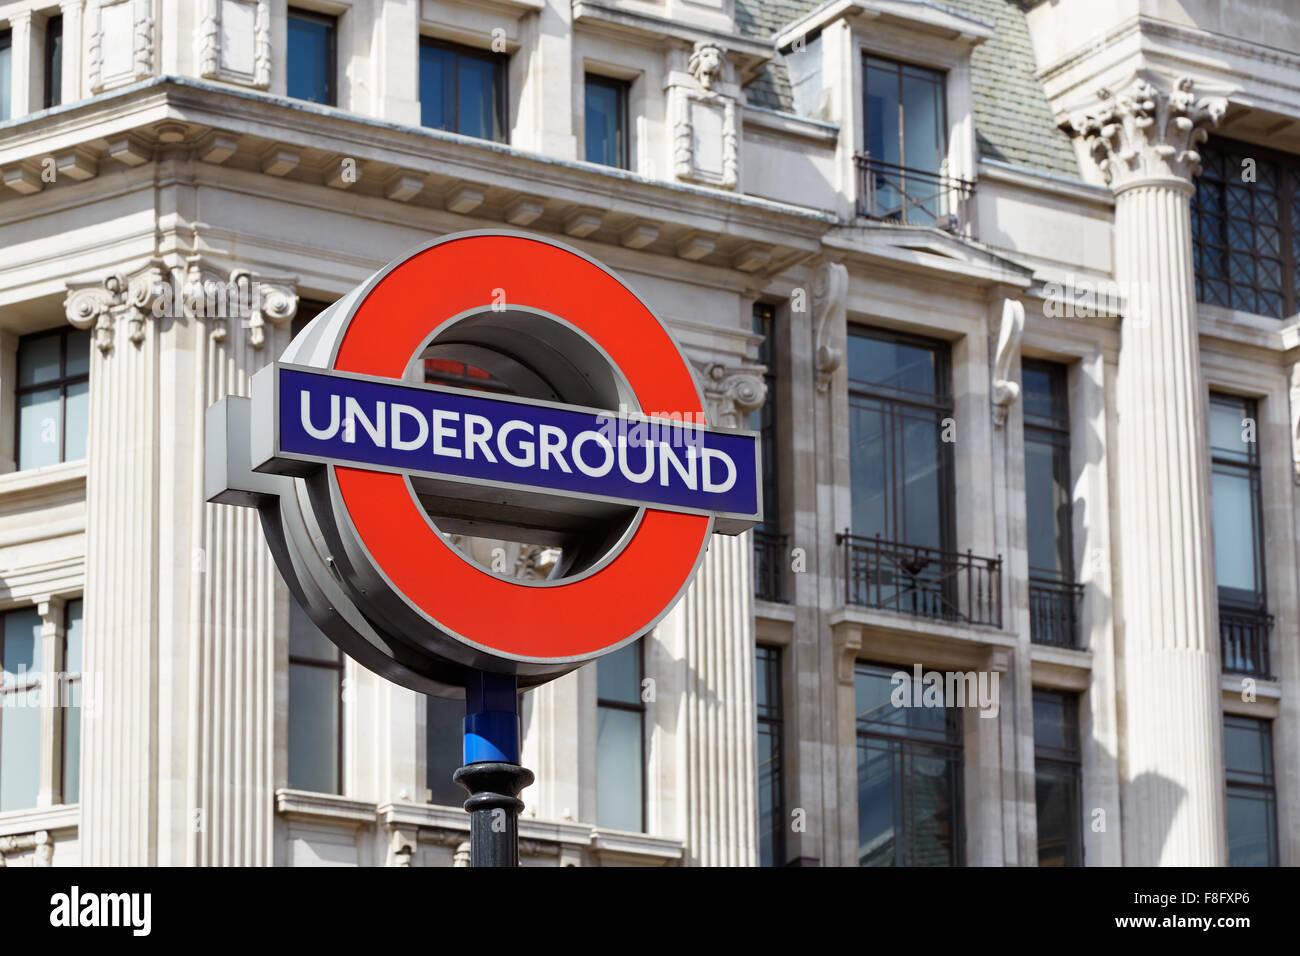 London underground stockfotos london underground bilder - Beruhmte architektur ...